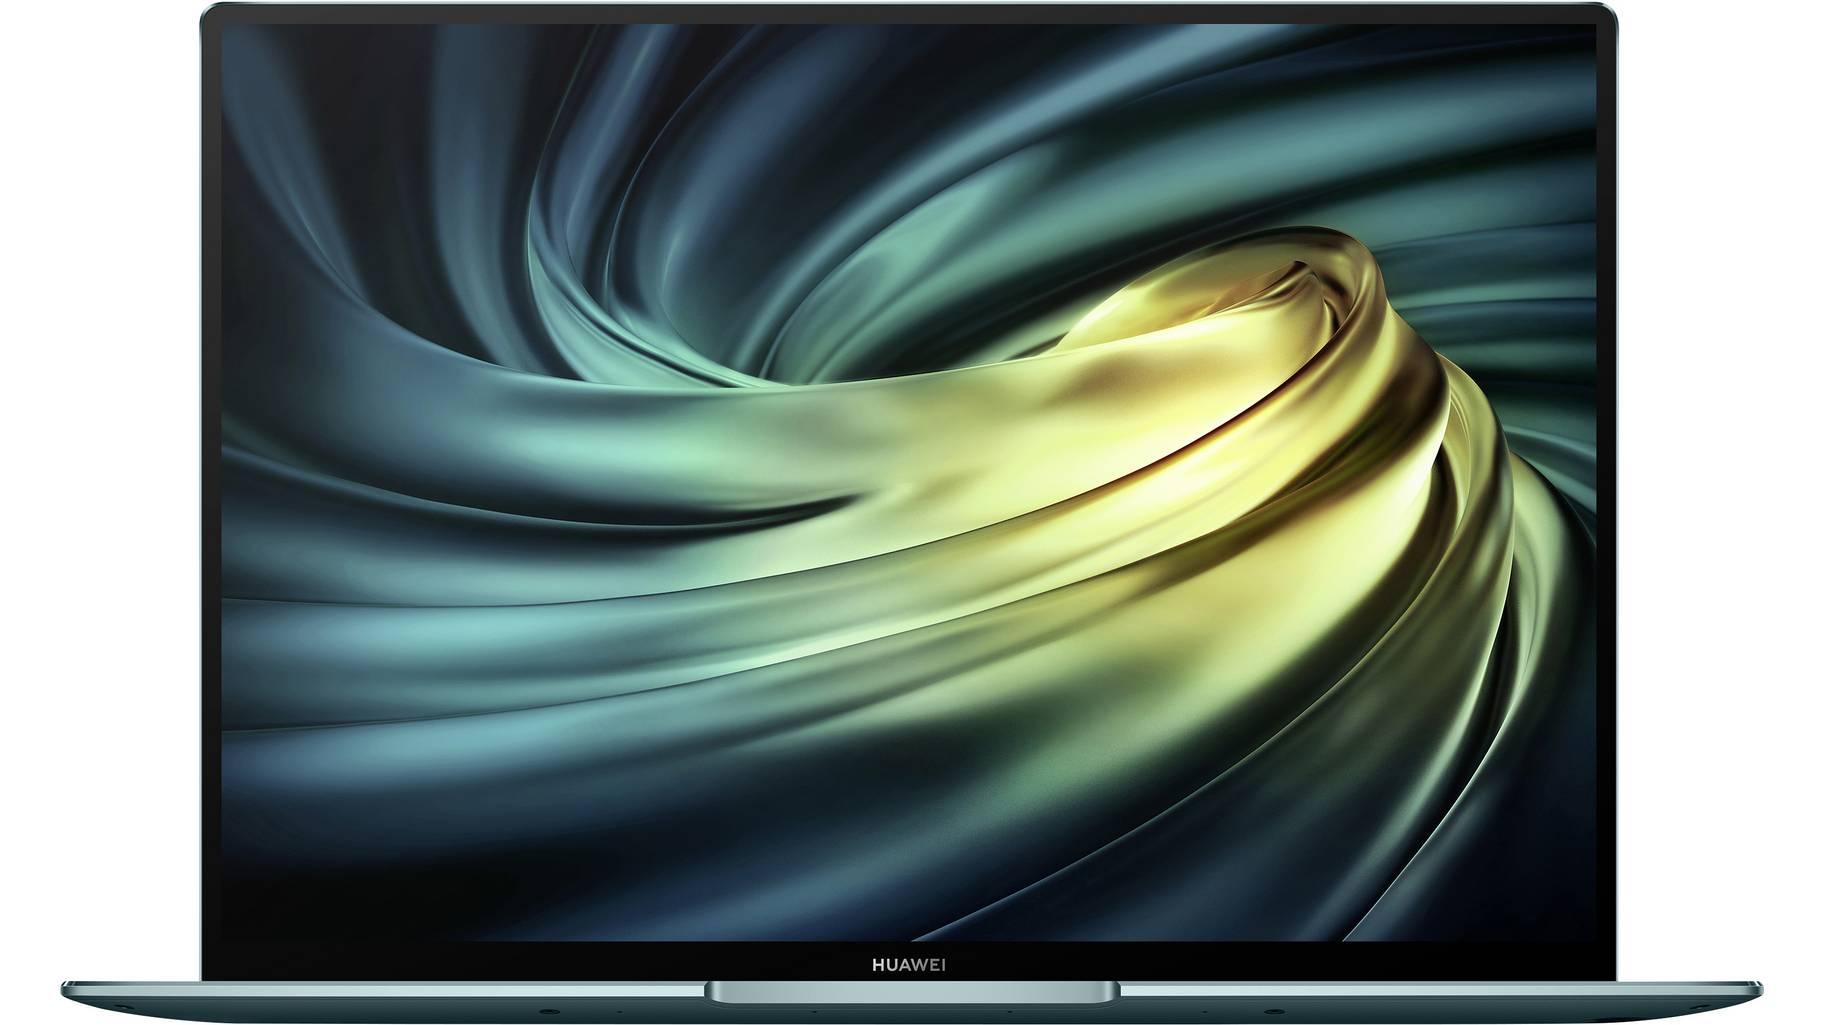 HUAWEI MateBook X Pro 2020 13.9 Zoll i7-10510U 16GB 1024GB SSD GeForce MX250 Windows® 10